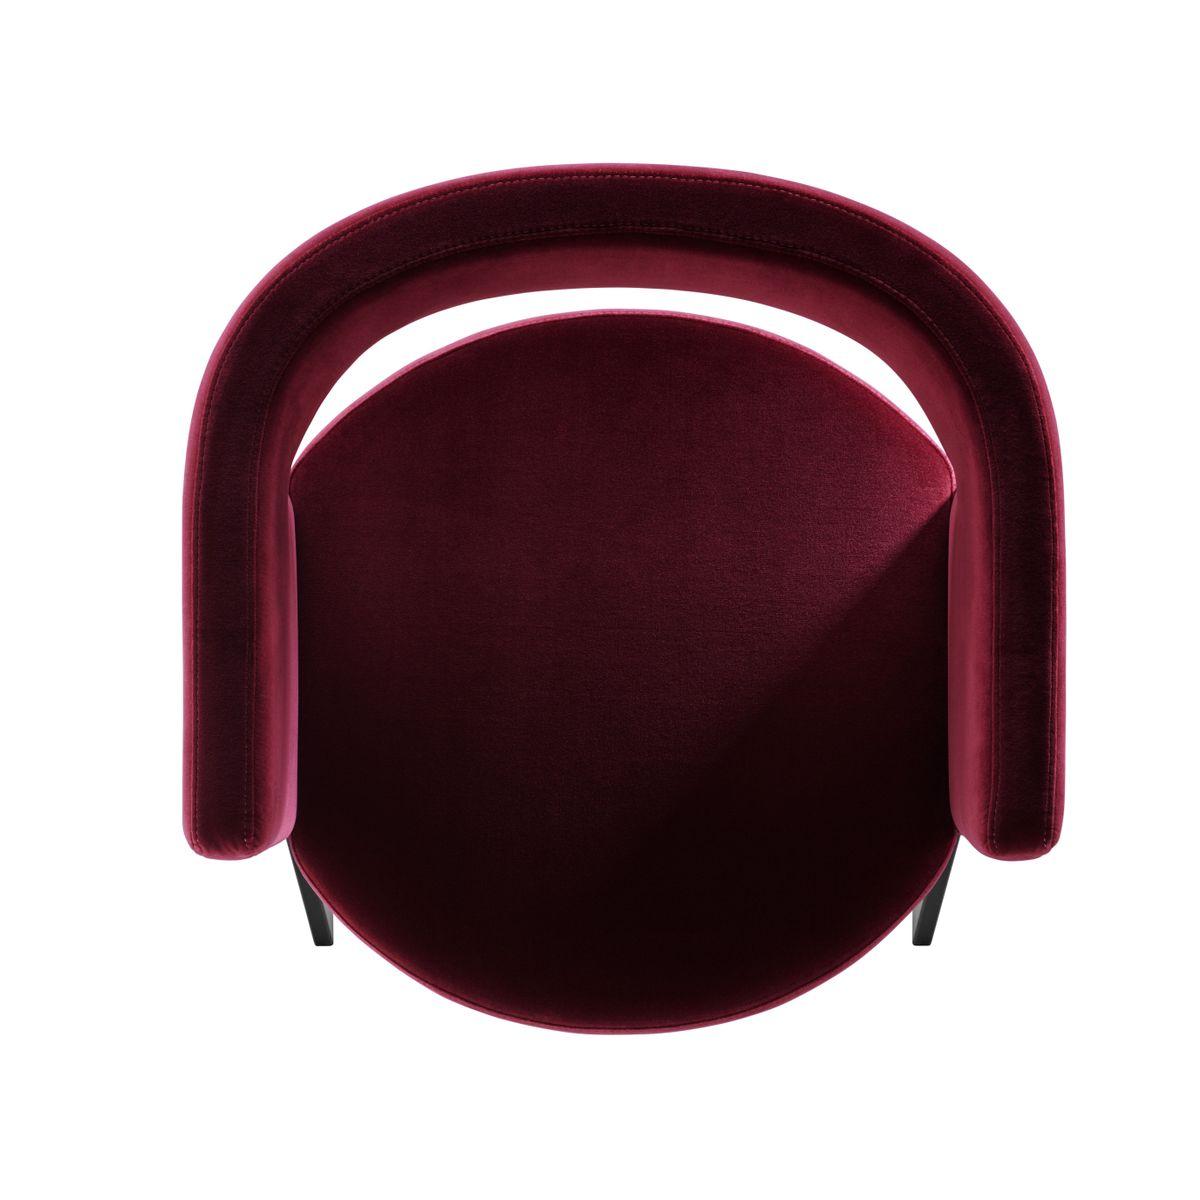 Trends von der Möbelmesse: Die neue Bequemlichkeit